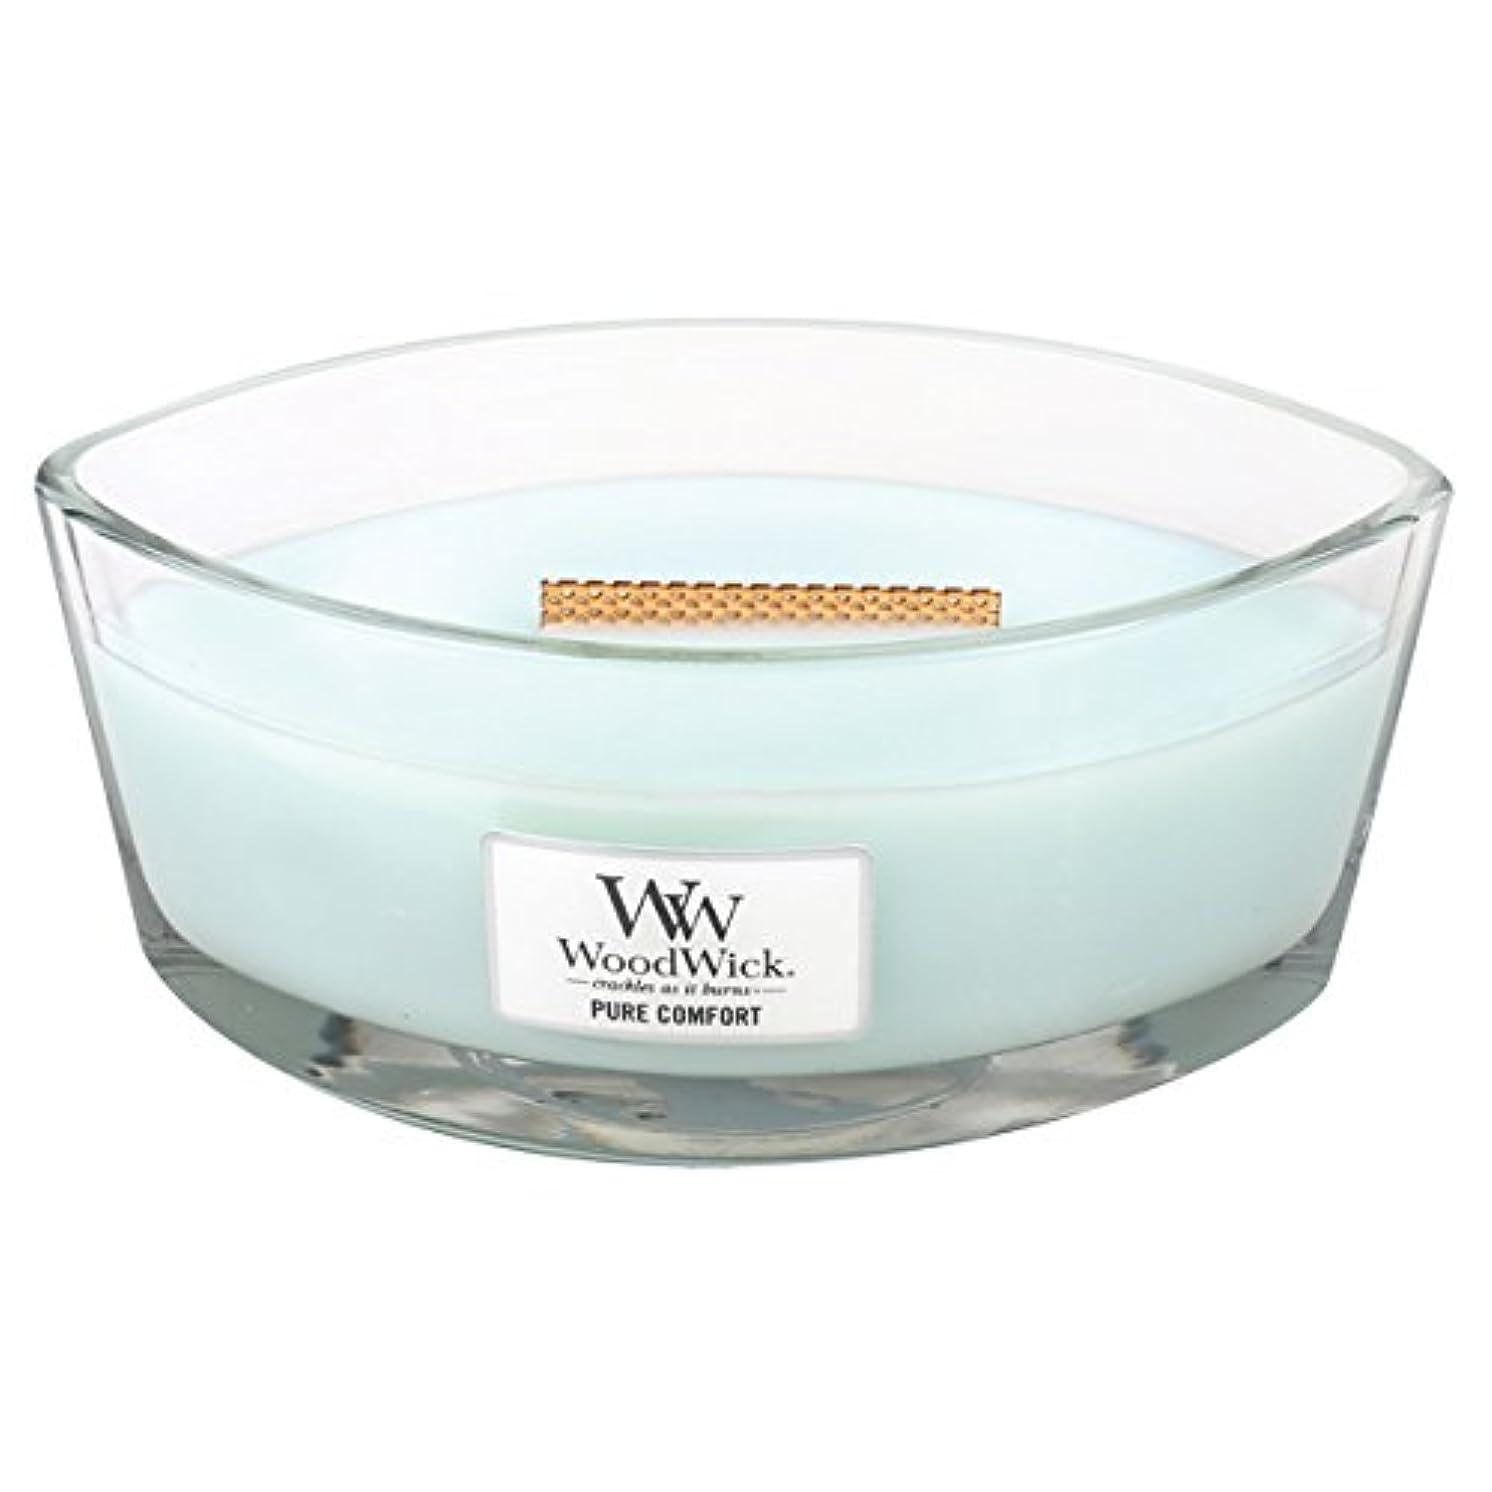 雑品包帯導入するWood Wick ハースウィックL 「 ピュアコンフォート 」 キャンドル W940053027